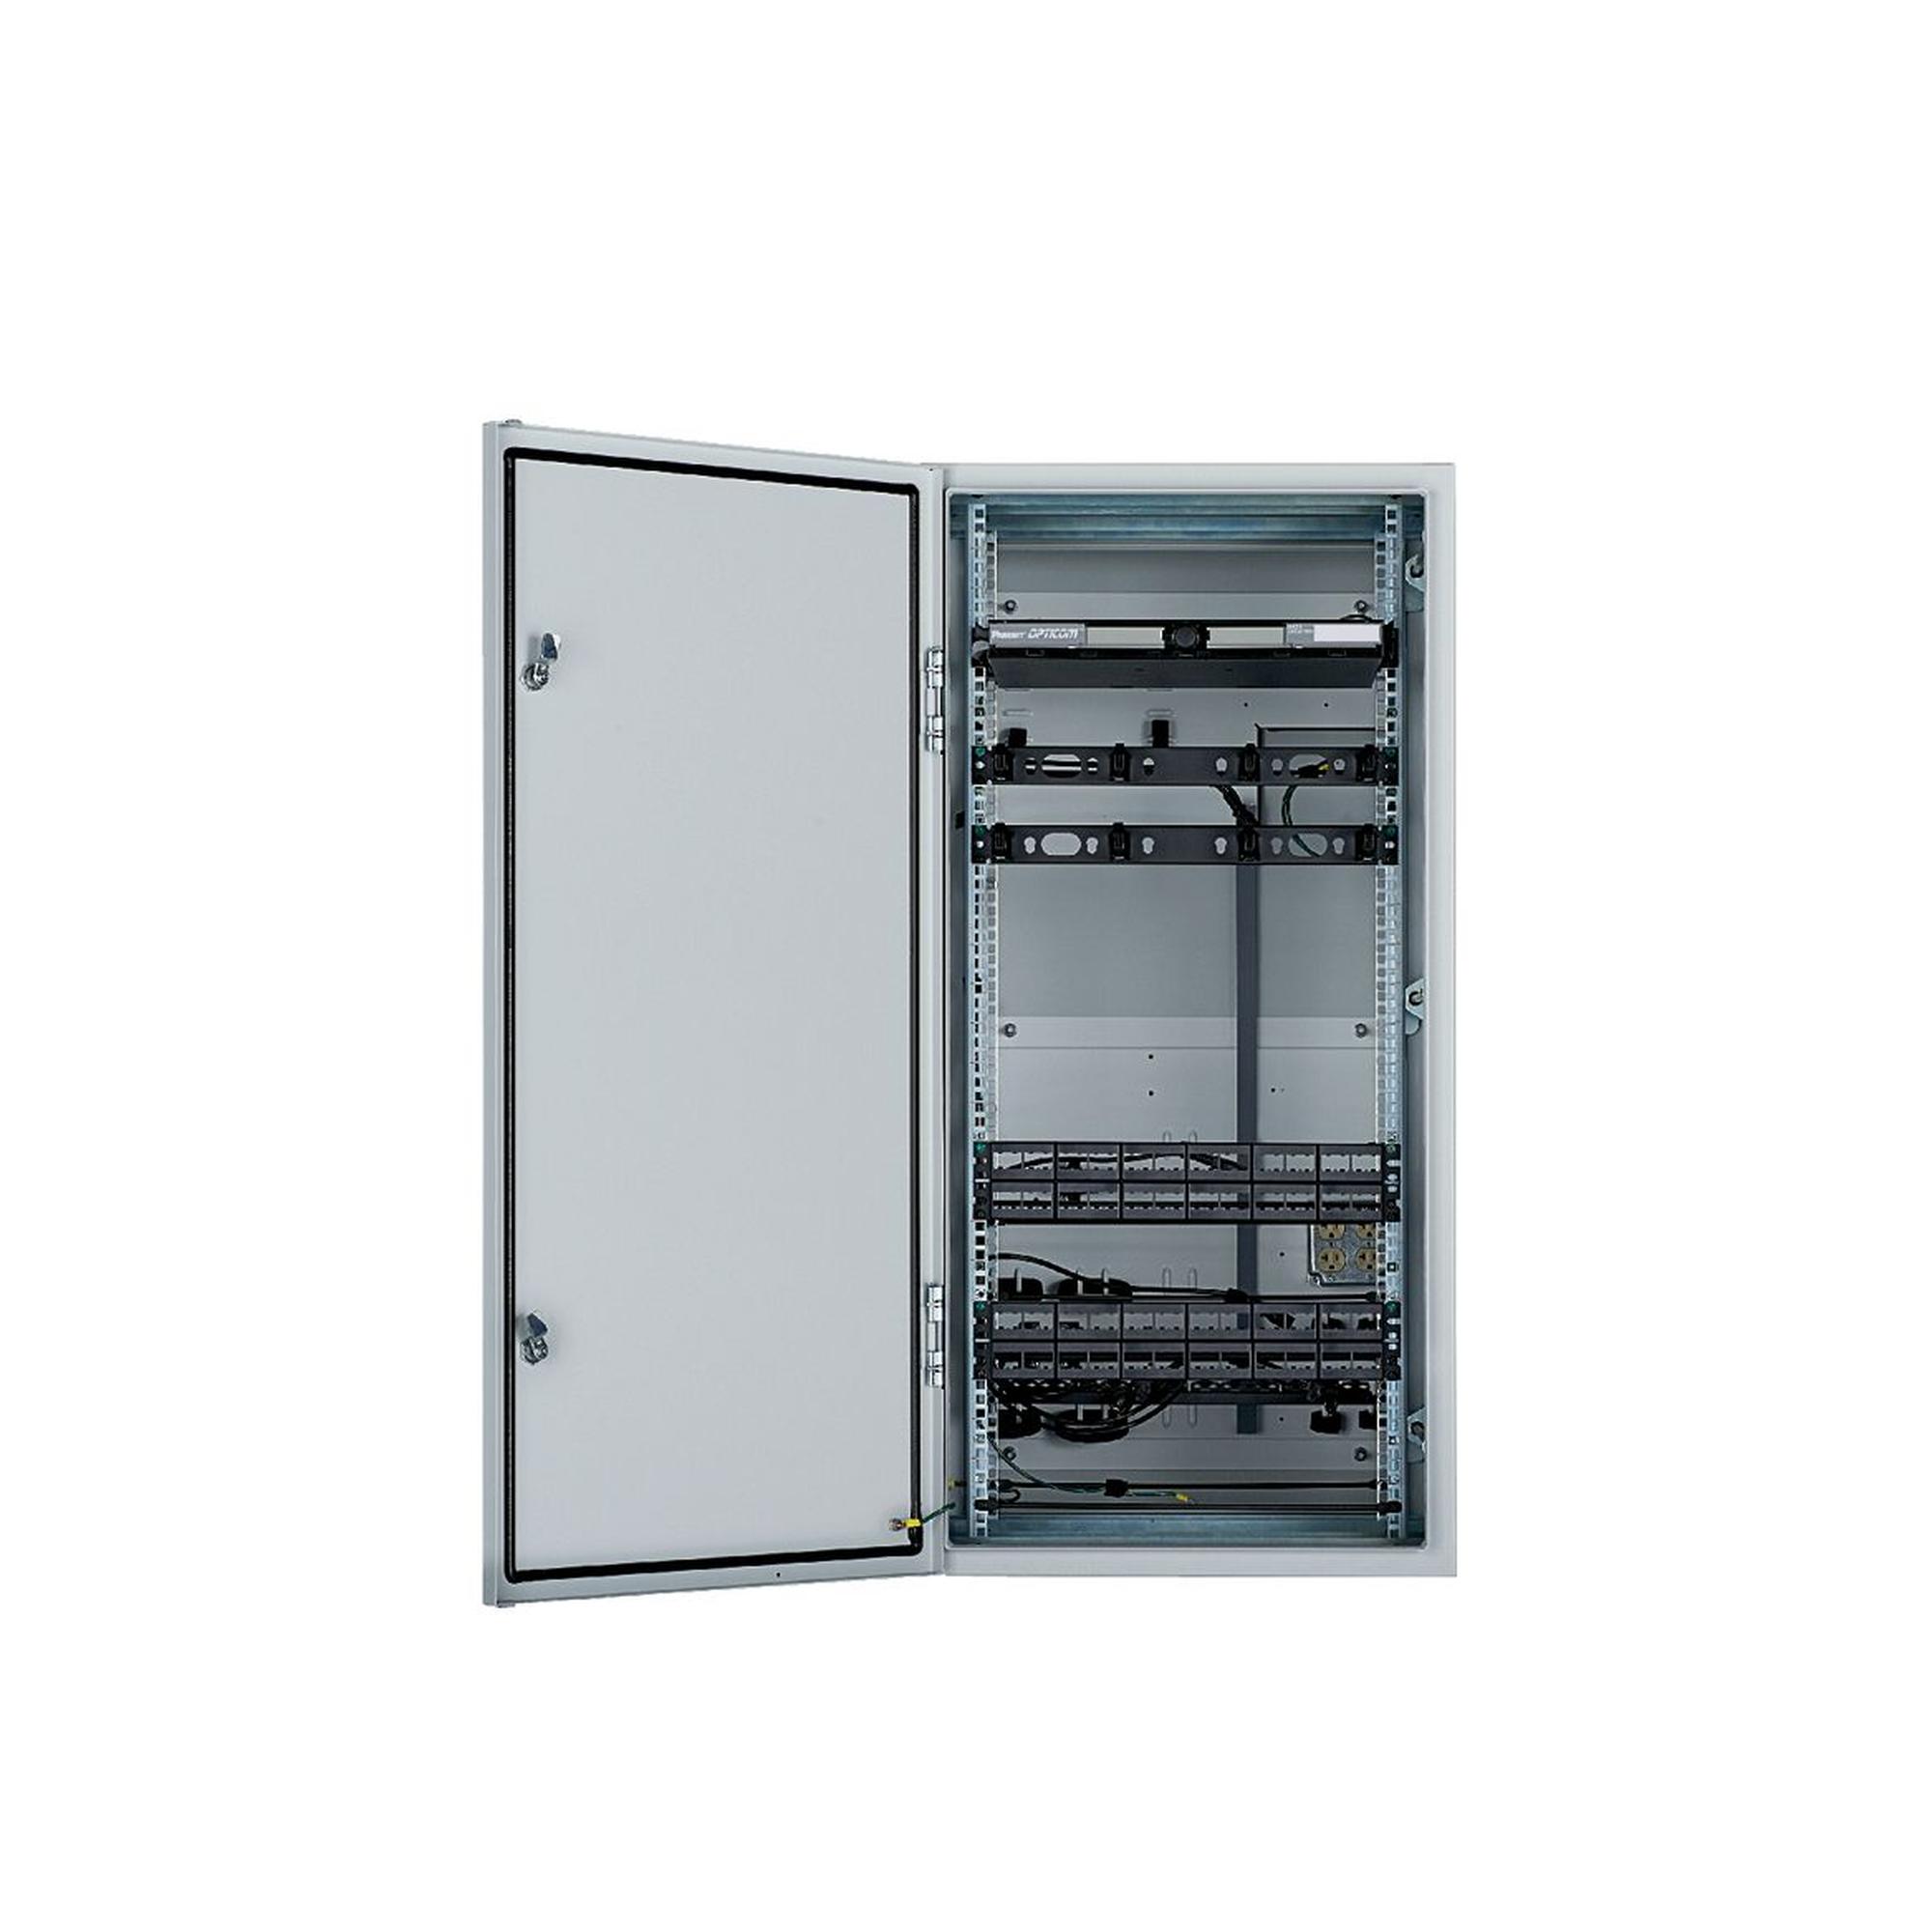 Gabinete Industrial Preconfigurado de Montaje en Pared, Fabricado en Acero Bajo en Carbono, Protección NEMA 4/12 IP66, de 26 UR, Color Gris